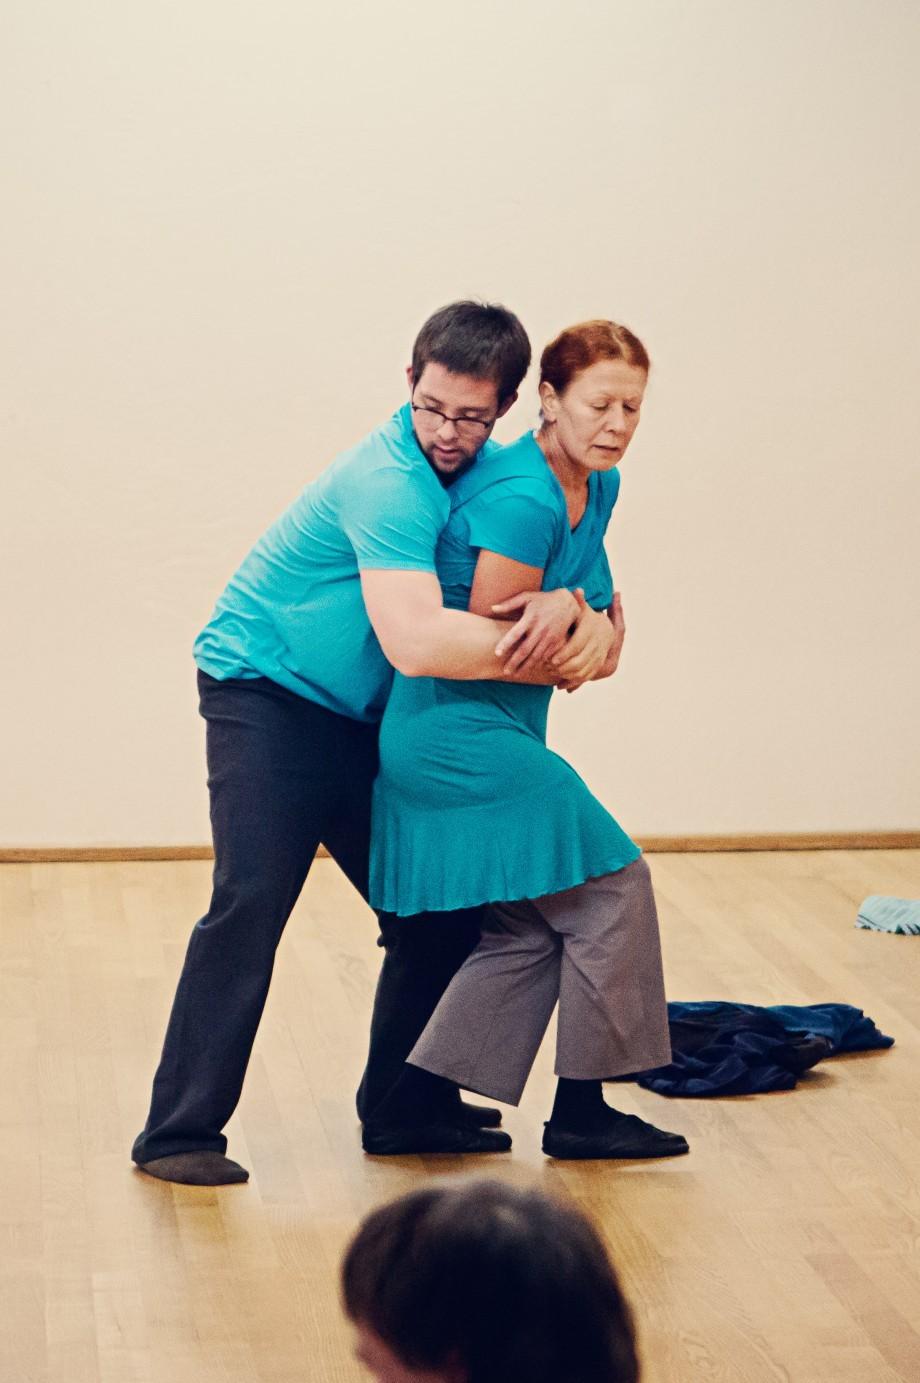 ein Mann umarmt eine Frau